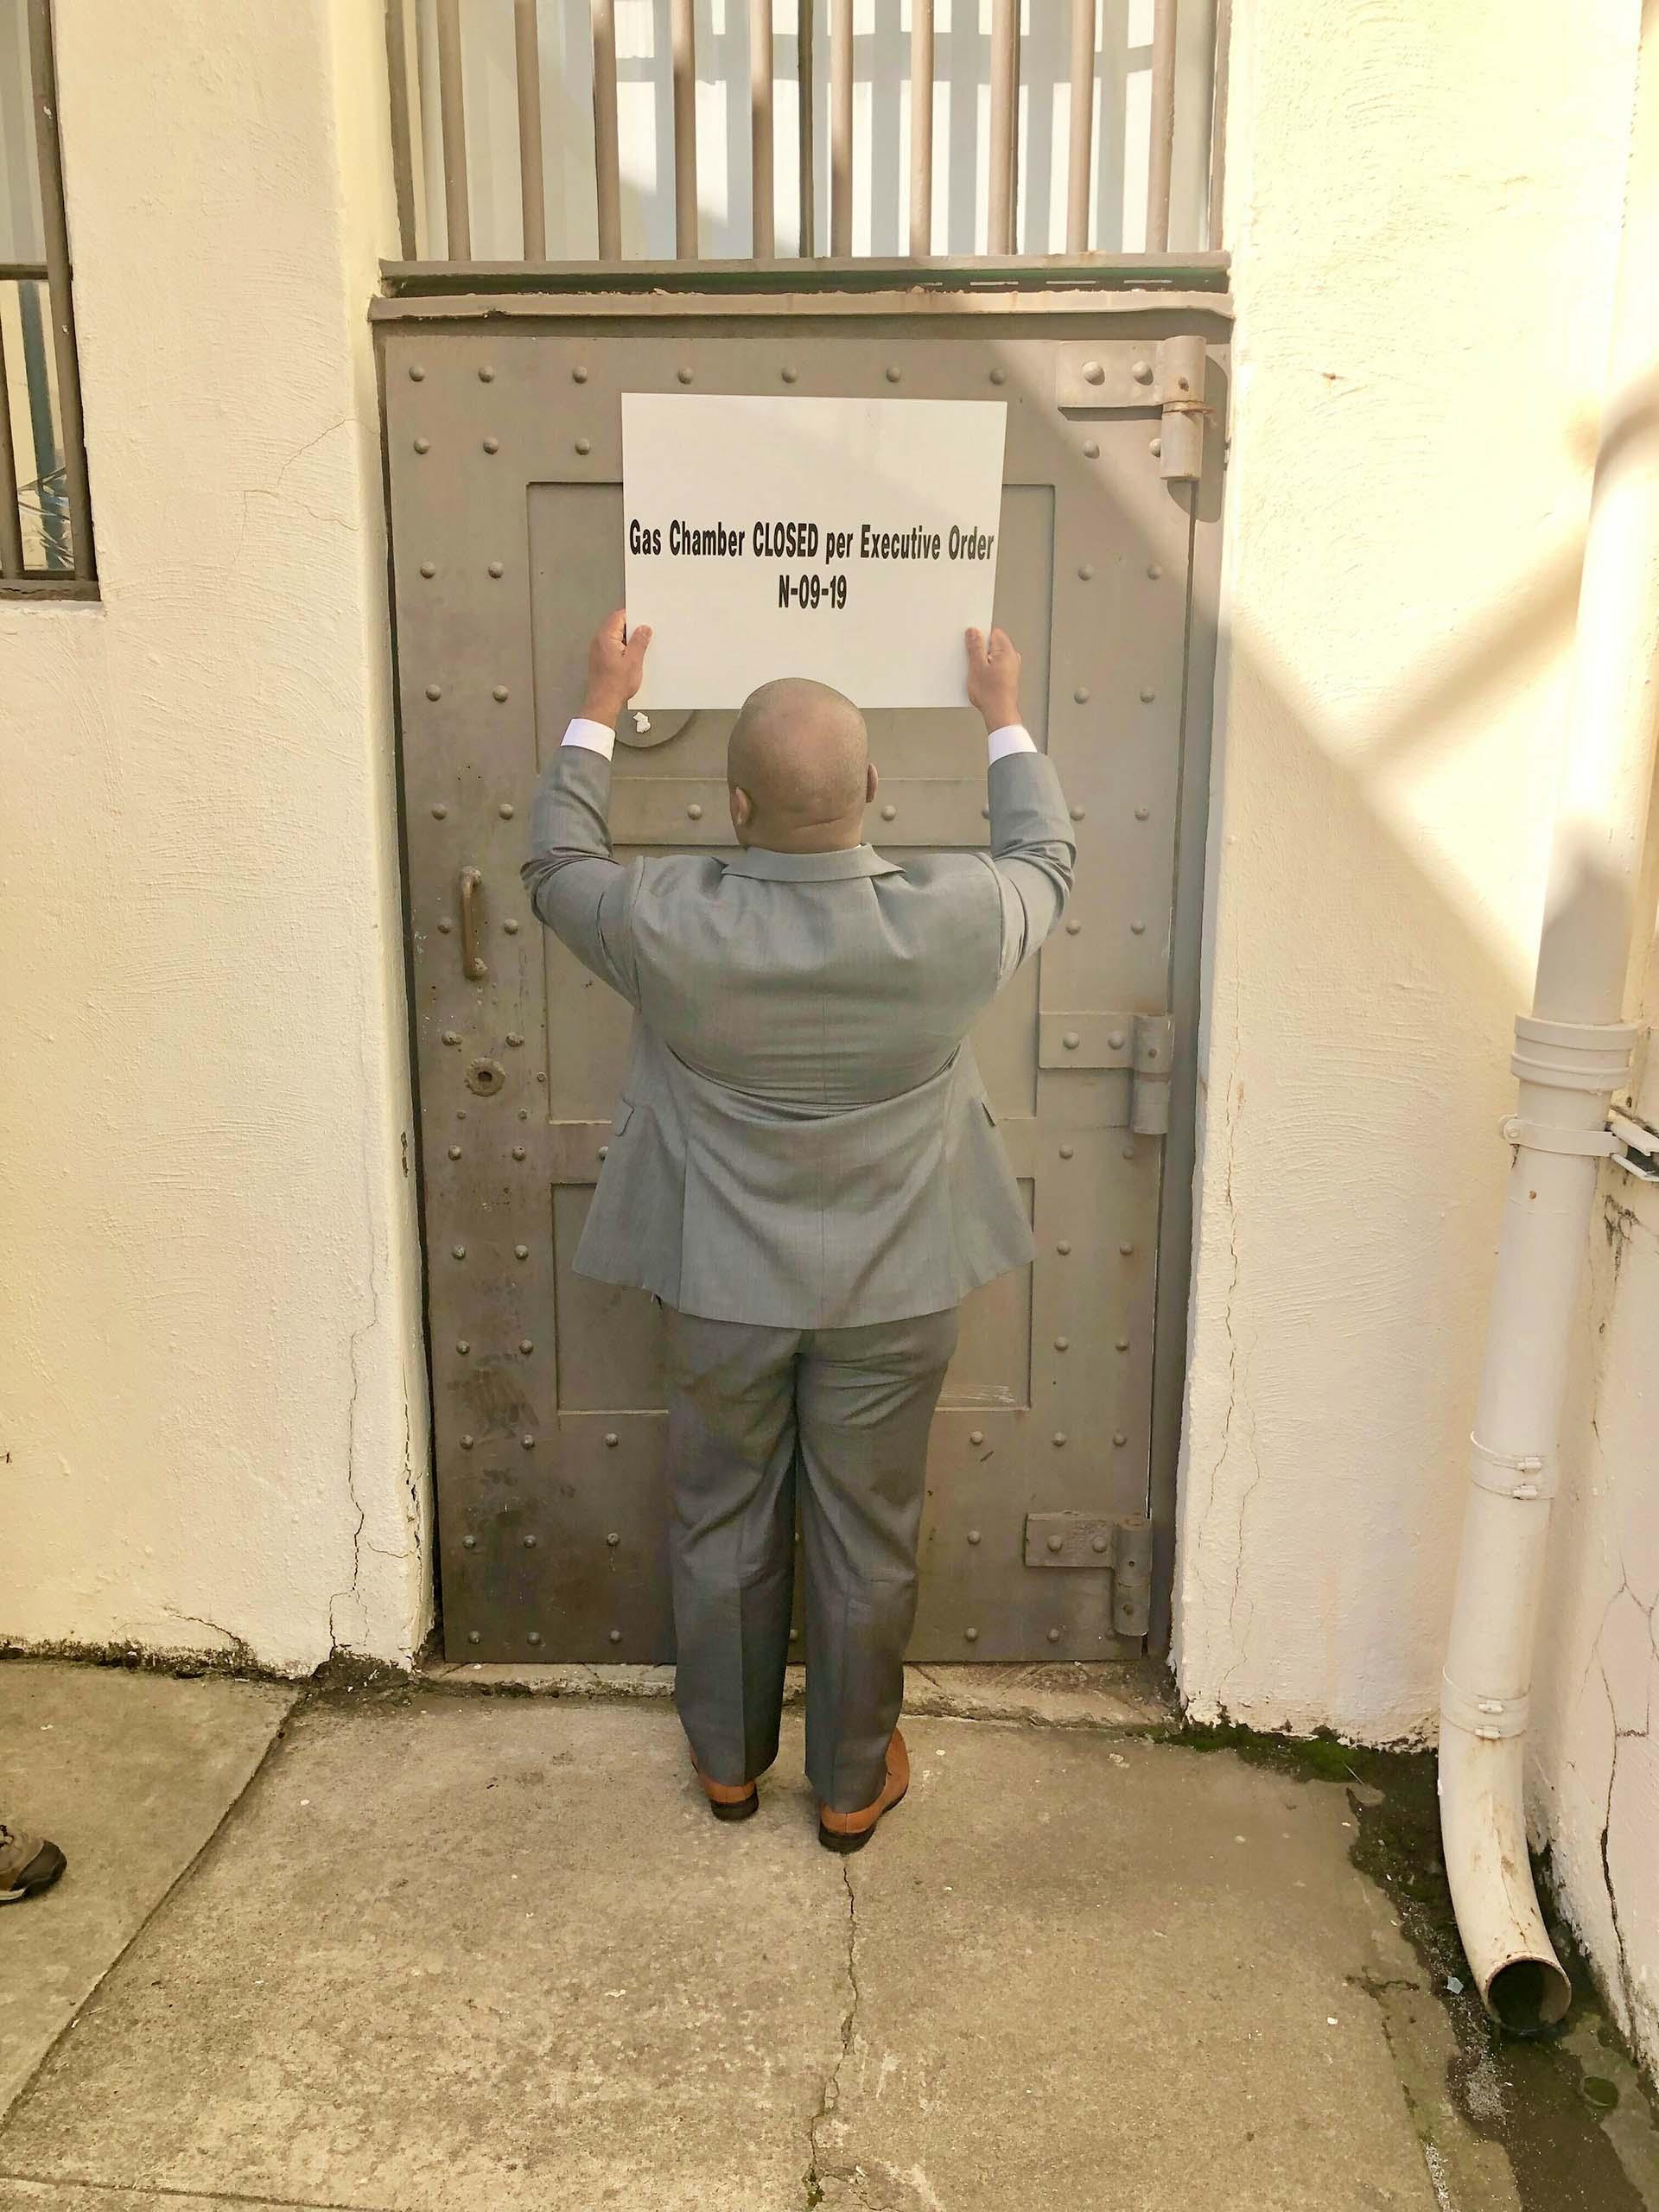 Un letrero anuncia el cierre de la cámara de gas por orden ejecutiva (California Department of Corrections and Rehabilitation via AP)